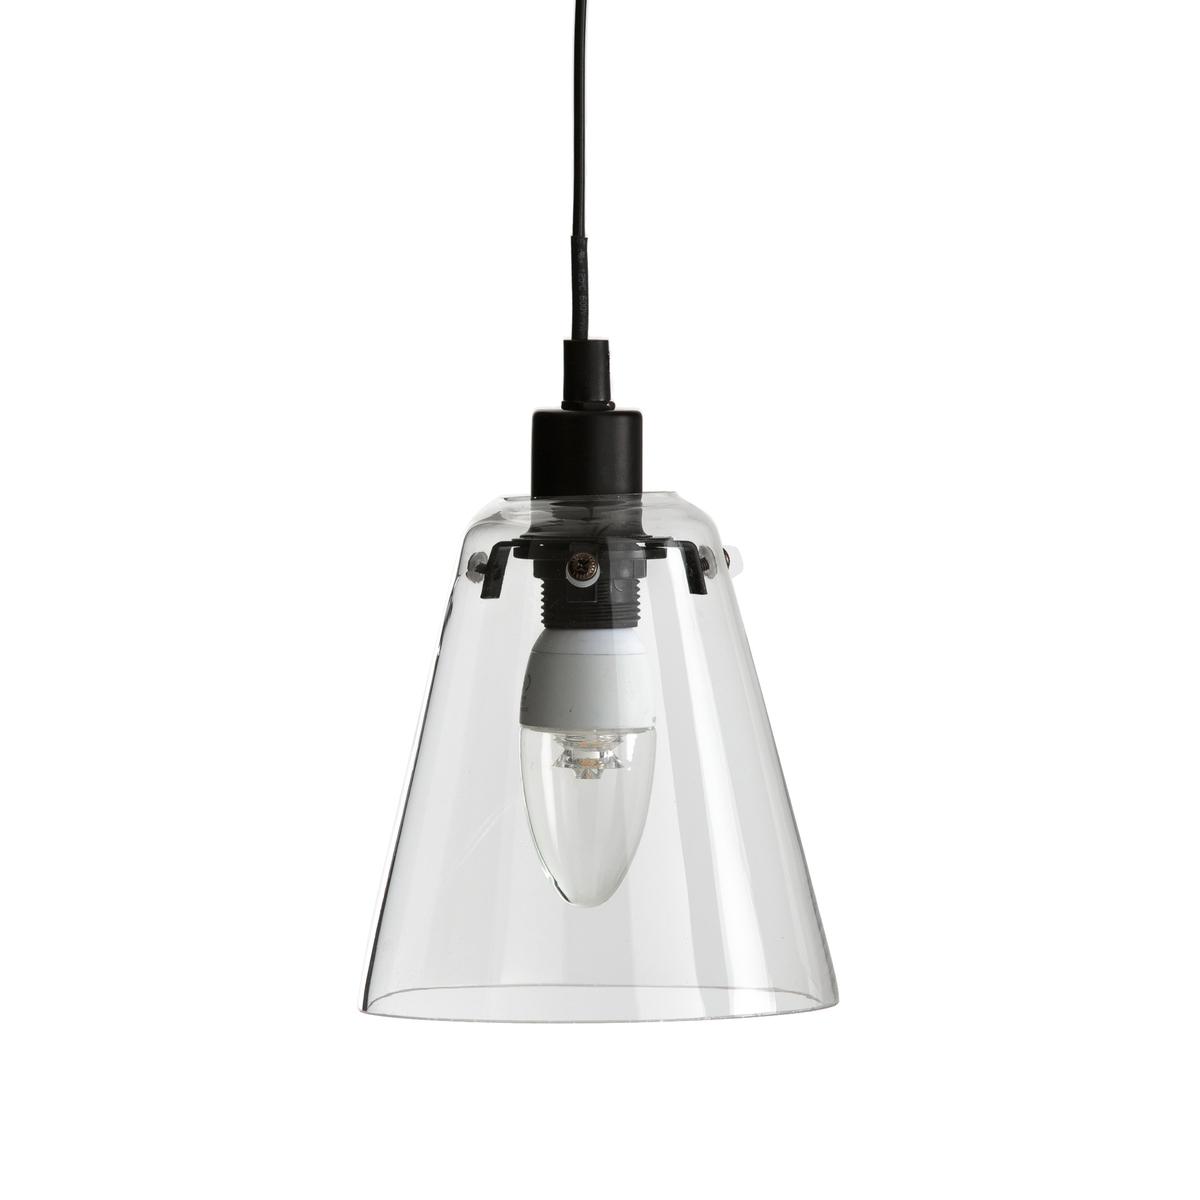 Подвесной светильник из стекла и металла, KIYOПростые и современные линии этого подвесного светильника из стекла в форме абажура, который сочетается с любым интерьером.Характеристики подвесного светильника Kiyo :Электрифицированный   Патрон E14/флуокомпактная лампа 8 Вт макс., продается отдельно.Этот светильник совместим с лампочками энергетического класса  : A Абажур из прозрачного стекла Вставка из матового металла черного цвета, покрытие эпоксидной краскойКабель с пластиковой оболочкой, 120 смВсю коллекцию светильников вы можете найти на сайте laredoute.ru.Размеры подвесного светильника Kiyo :Абажур : Диаметр внизу : 13,4 смДиаметр верха : 14,2 смКабель: Длина 120 см.<br><br>Цвет: стеклянный прозрачный<br>Размер: единый размер